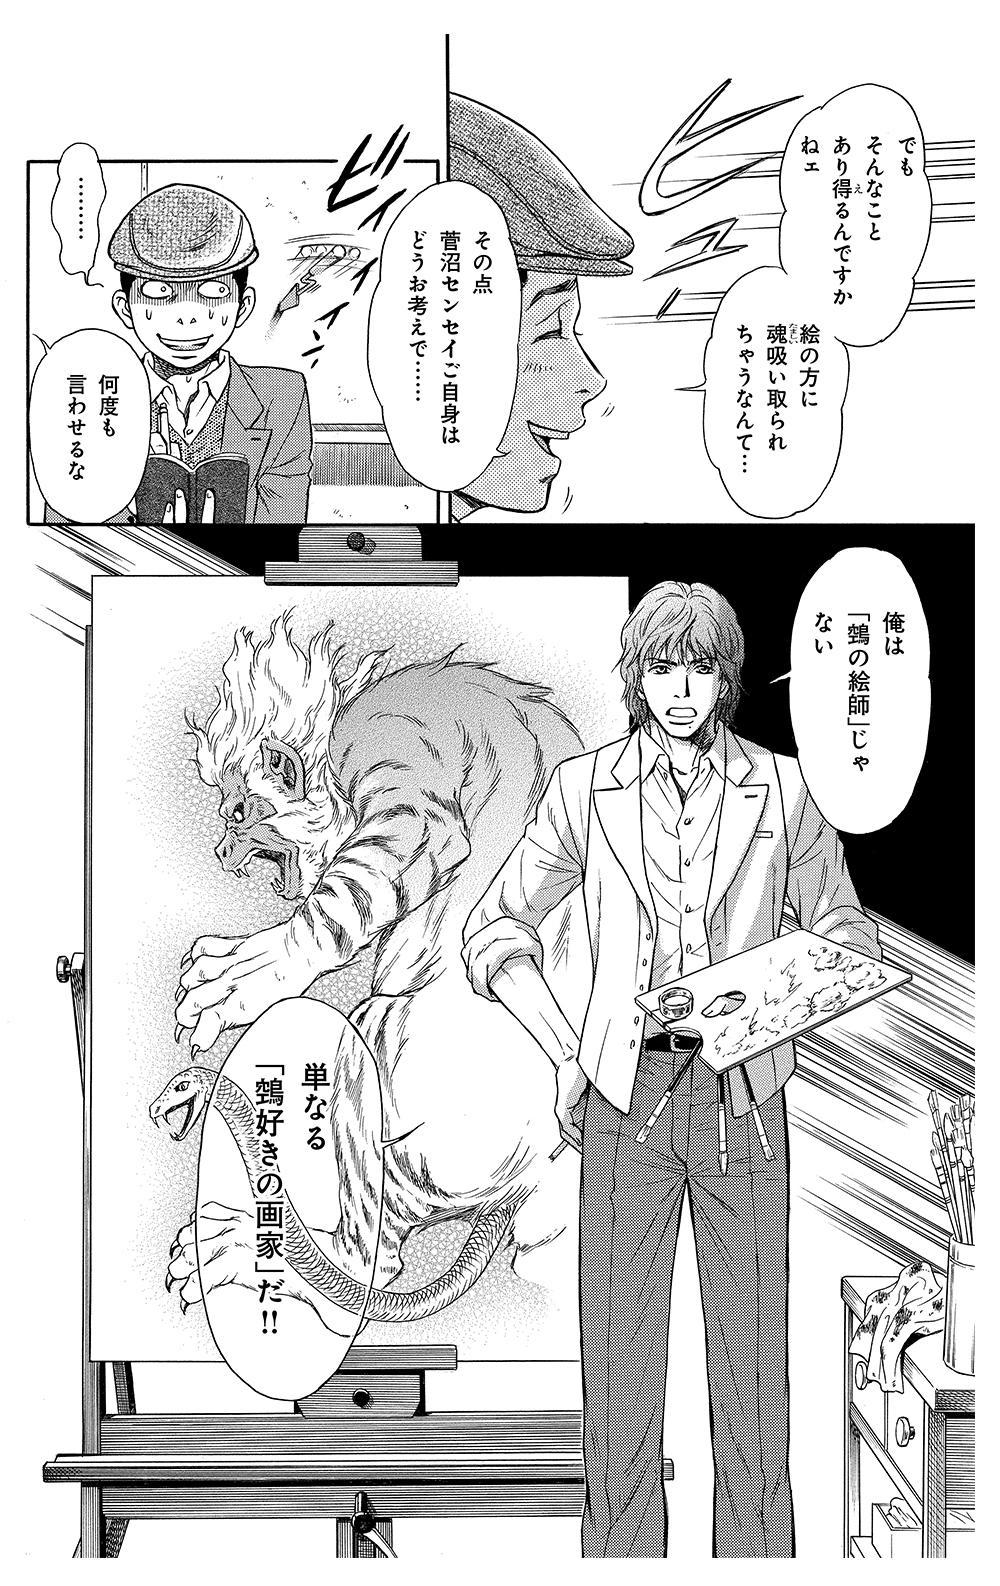 鵼の絵師 第1話「鵼の絵師」①nue-1-04.jpg